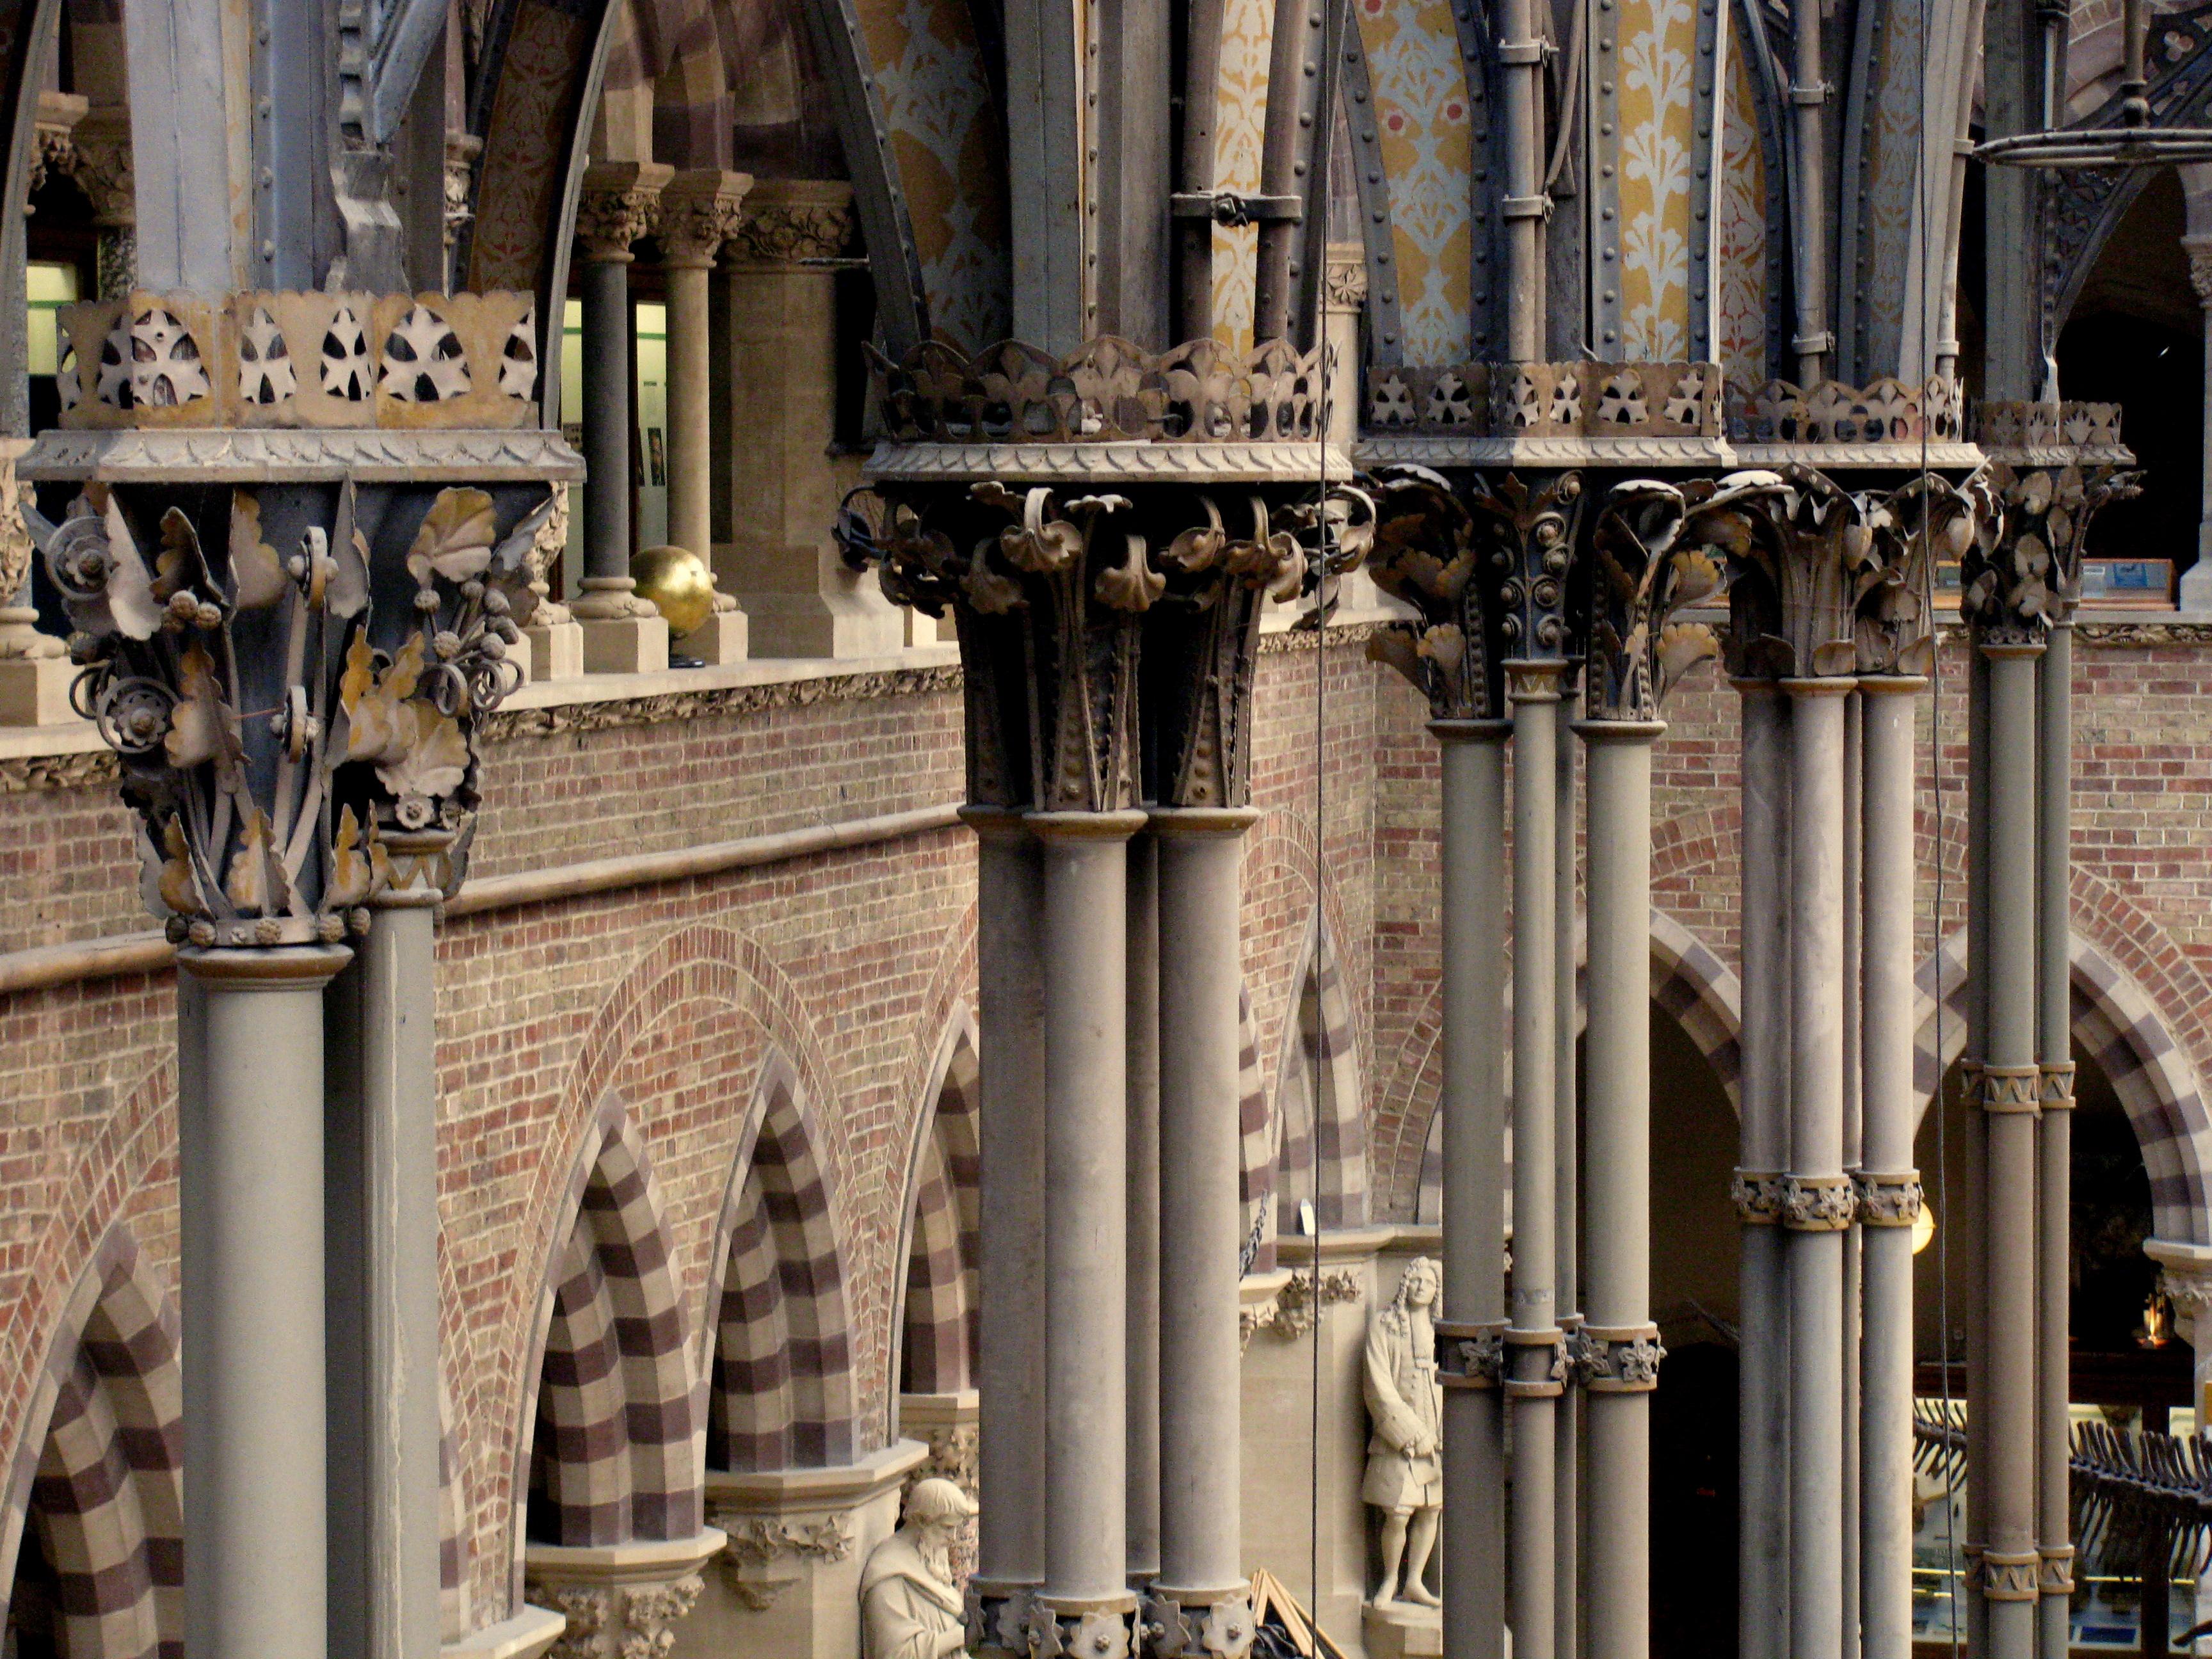 Cada conjunto de colunas de ferro fundido tem detalhes exclusivos sobre ele das capitais